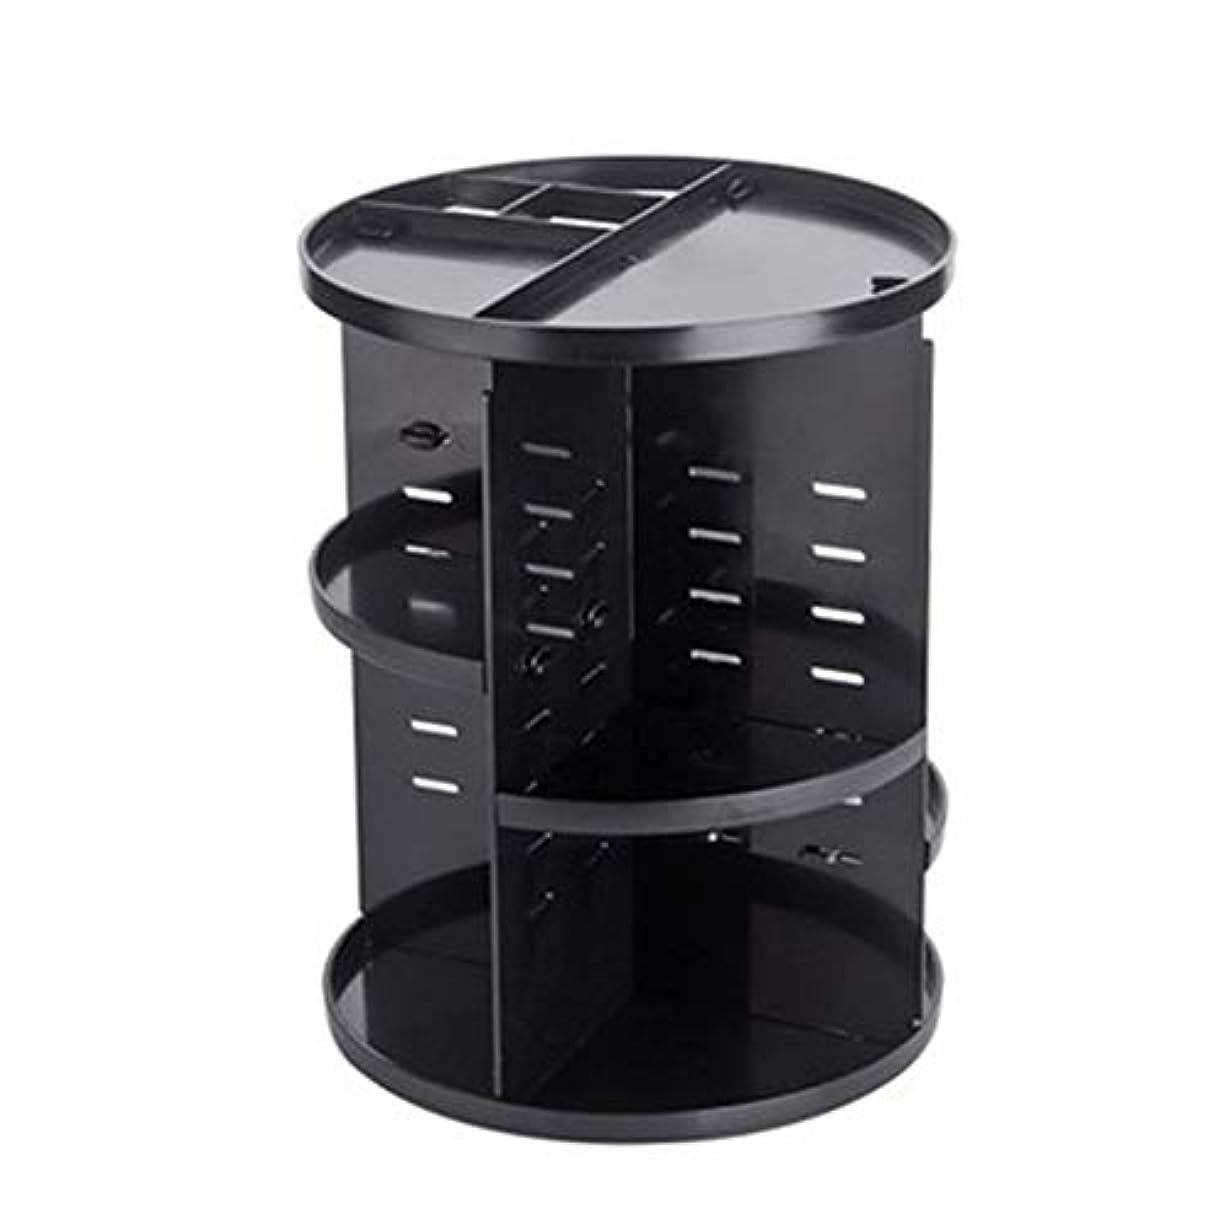 発音するベースライムACHICOO 回転可能 化粧収納ボックス 収納棚 口紅 ブラシ 香水 マニキュア 化粧品ラック オーガナイザー 黒